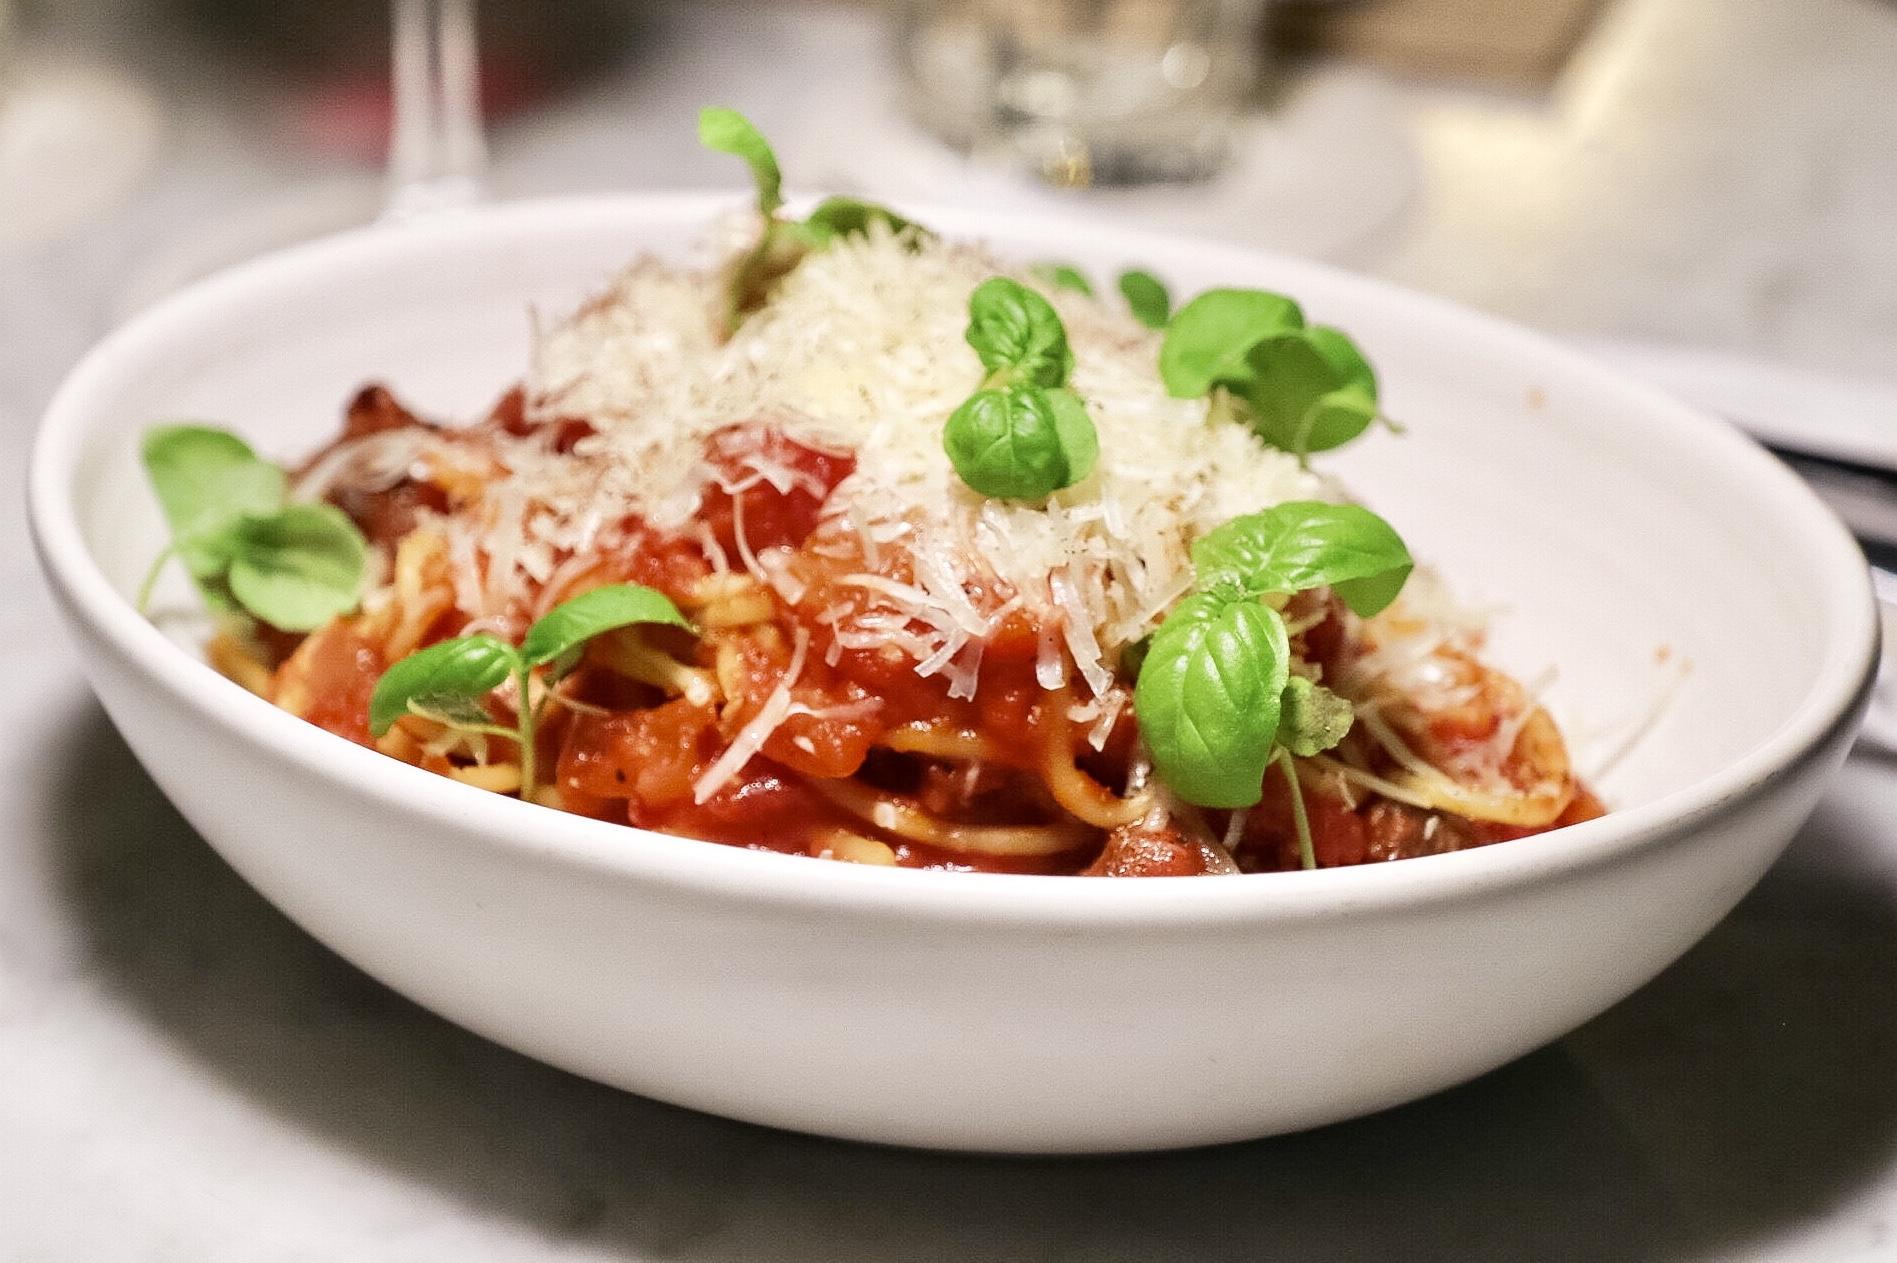 Spaghetti & bison meatballs